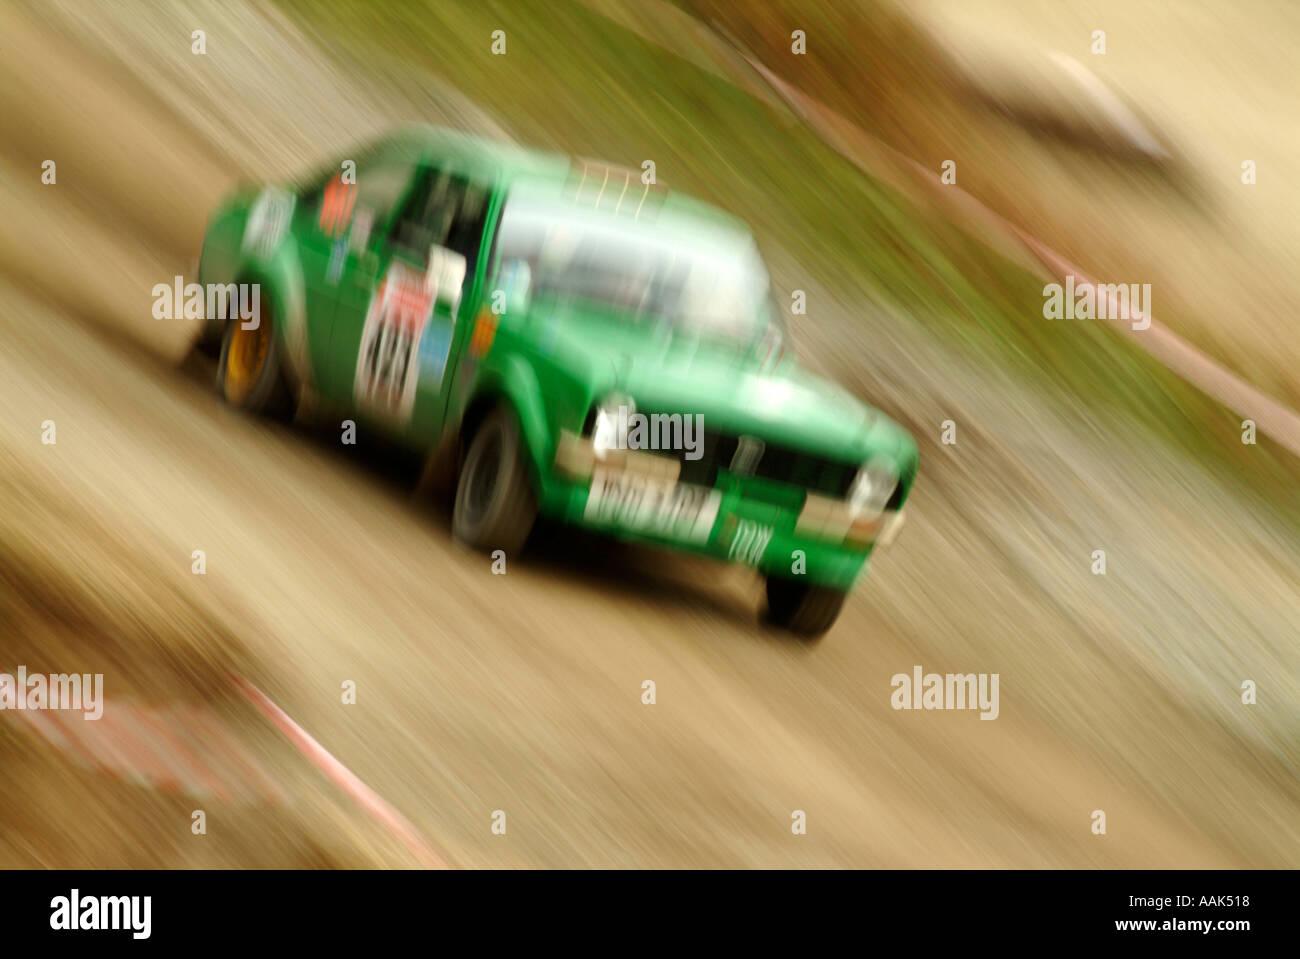 Ford Escort classic Rallye Rallyeauto Rallye of Straße Geschwindigkeit schnell Schlamm Fahrer Sponsor Sponsoring männliche Interesse Dalby Forest ich Stockbild